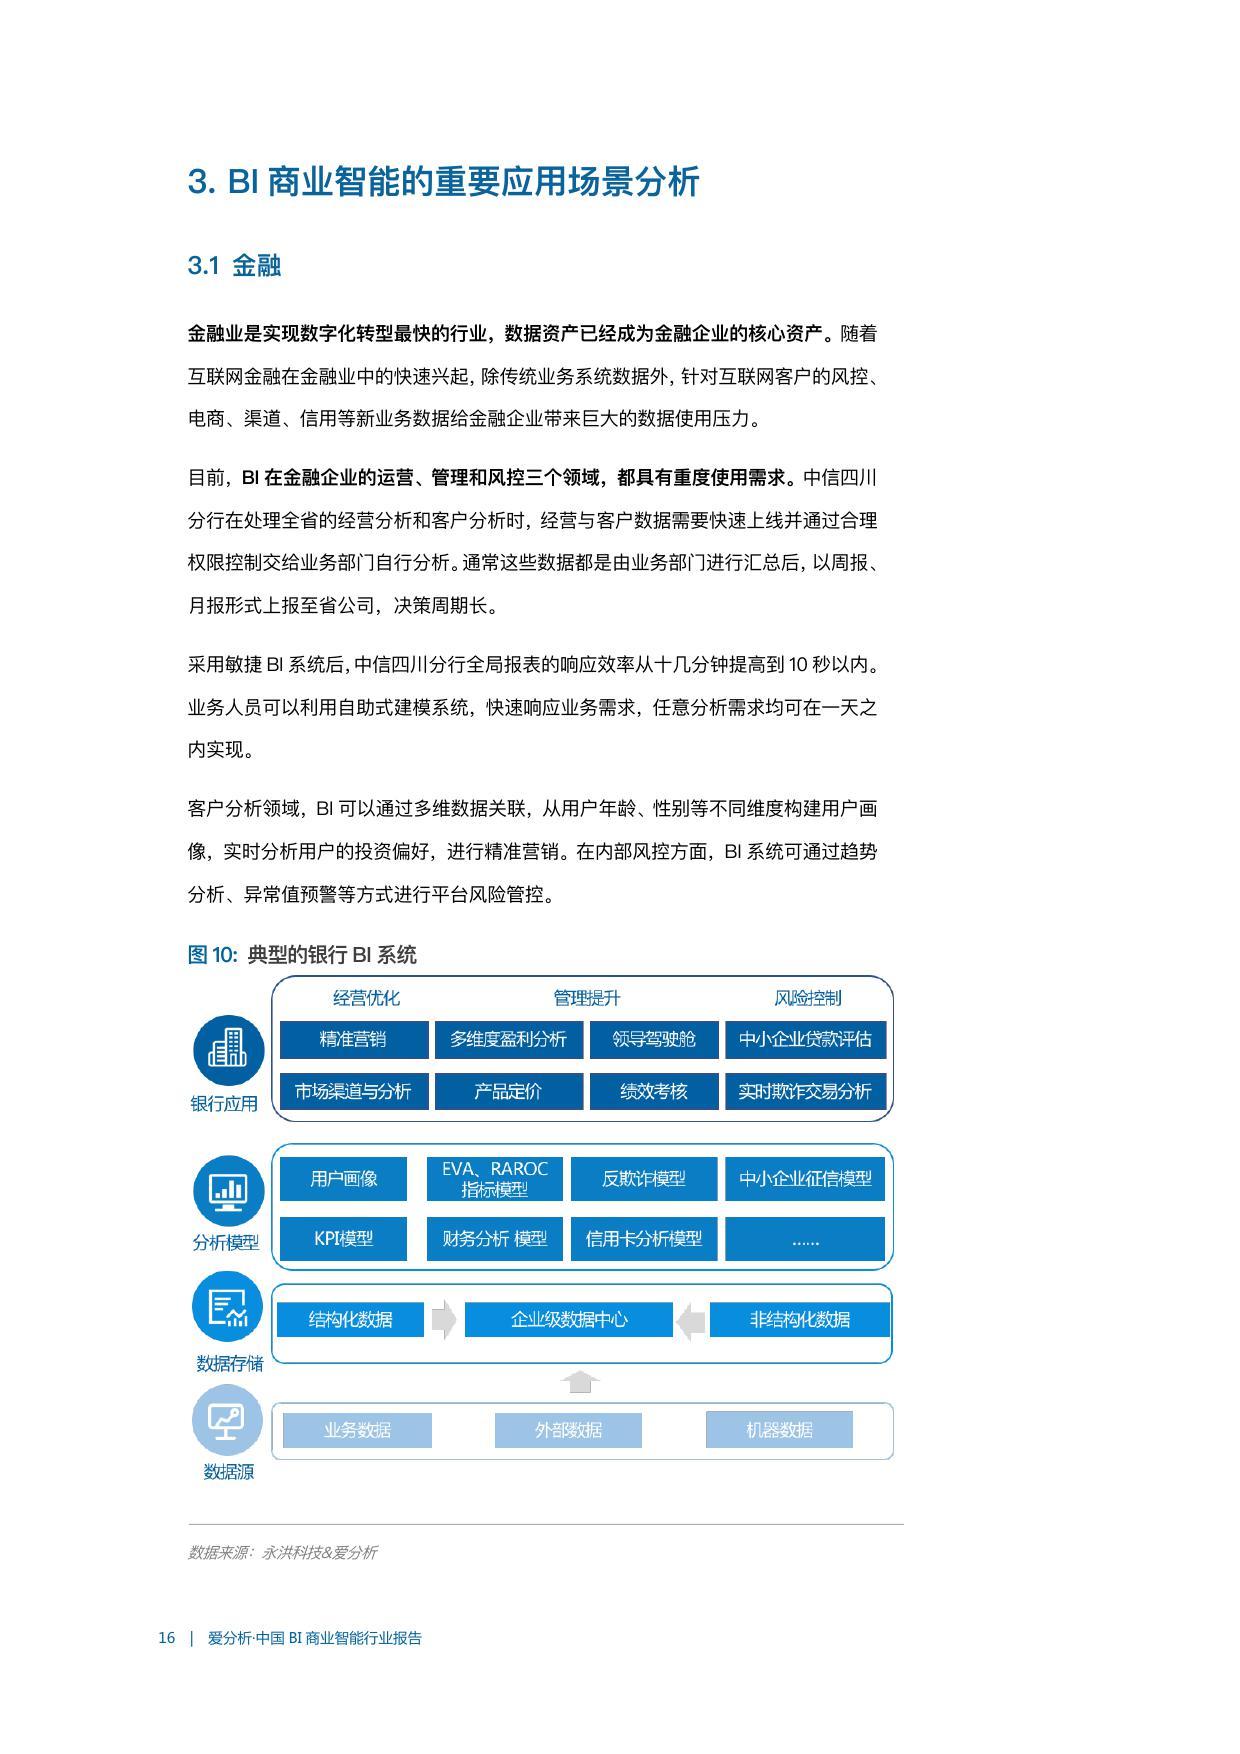 爱新中付:《2019年中国BI商业智能行业报告》(PPT)